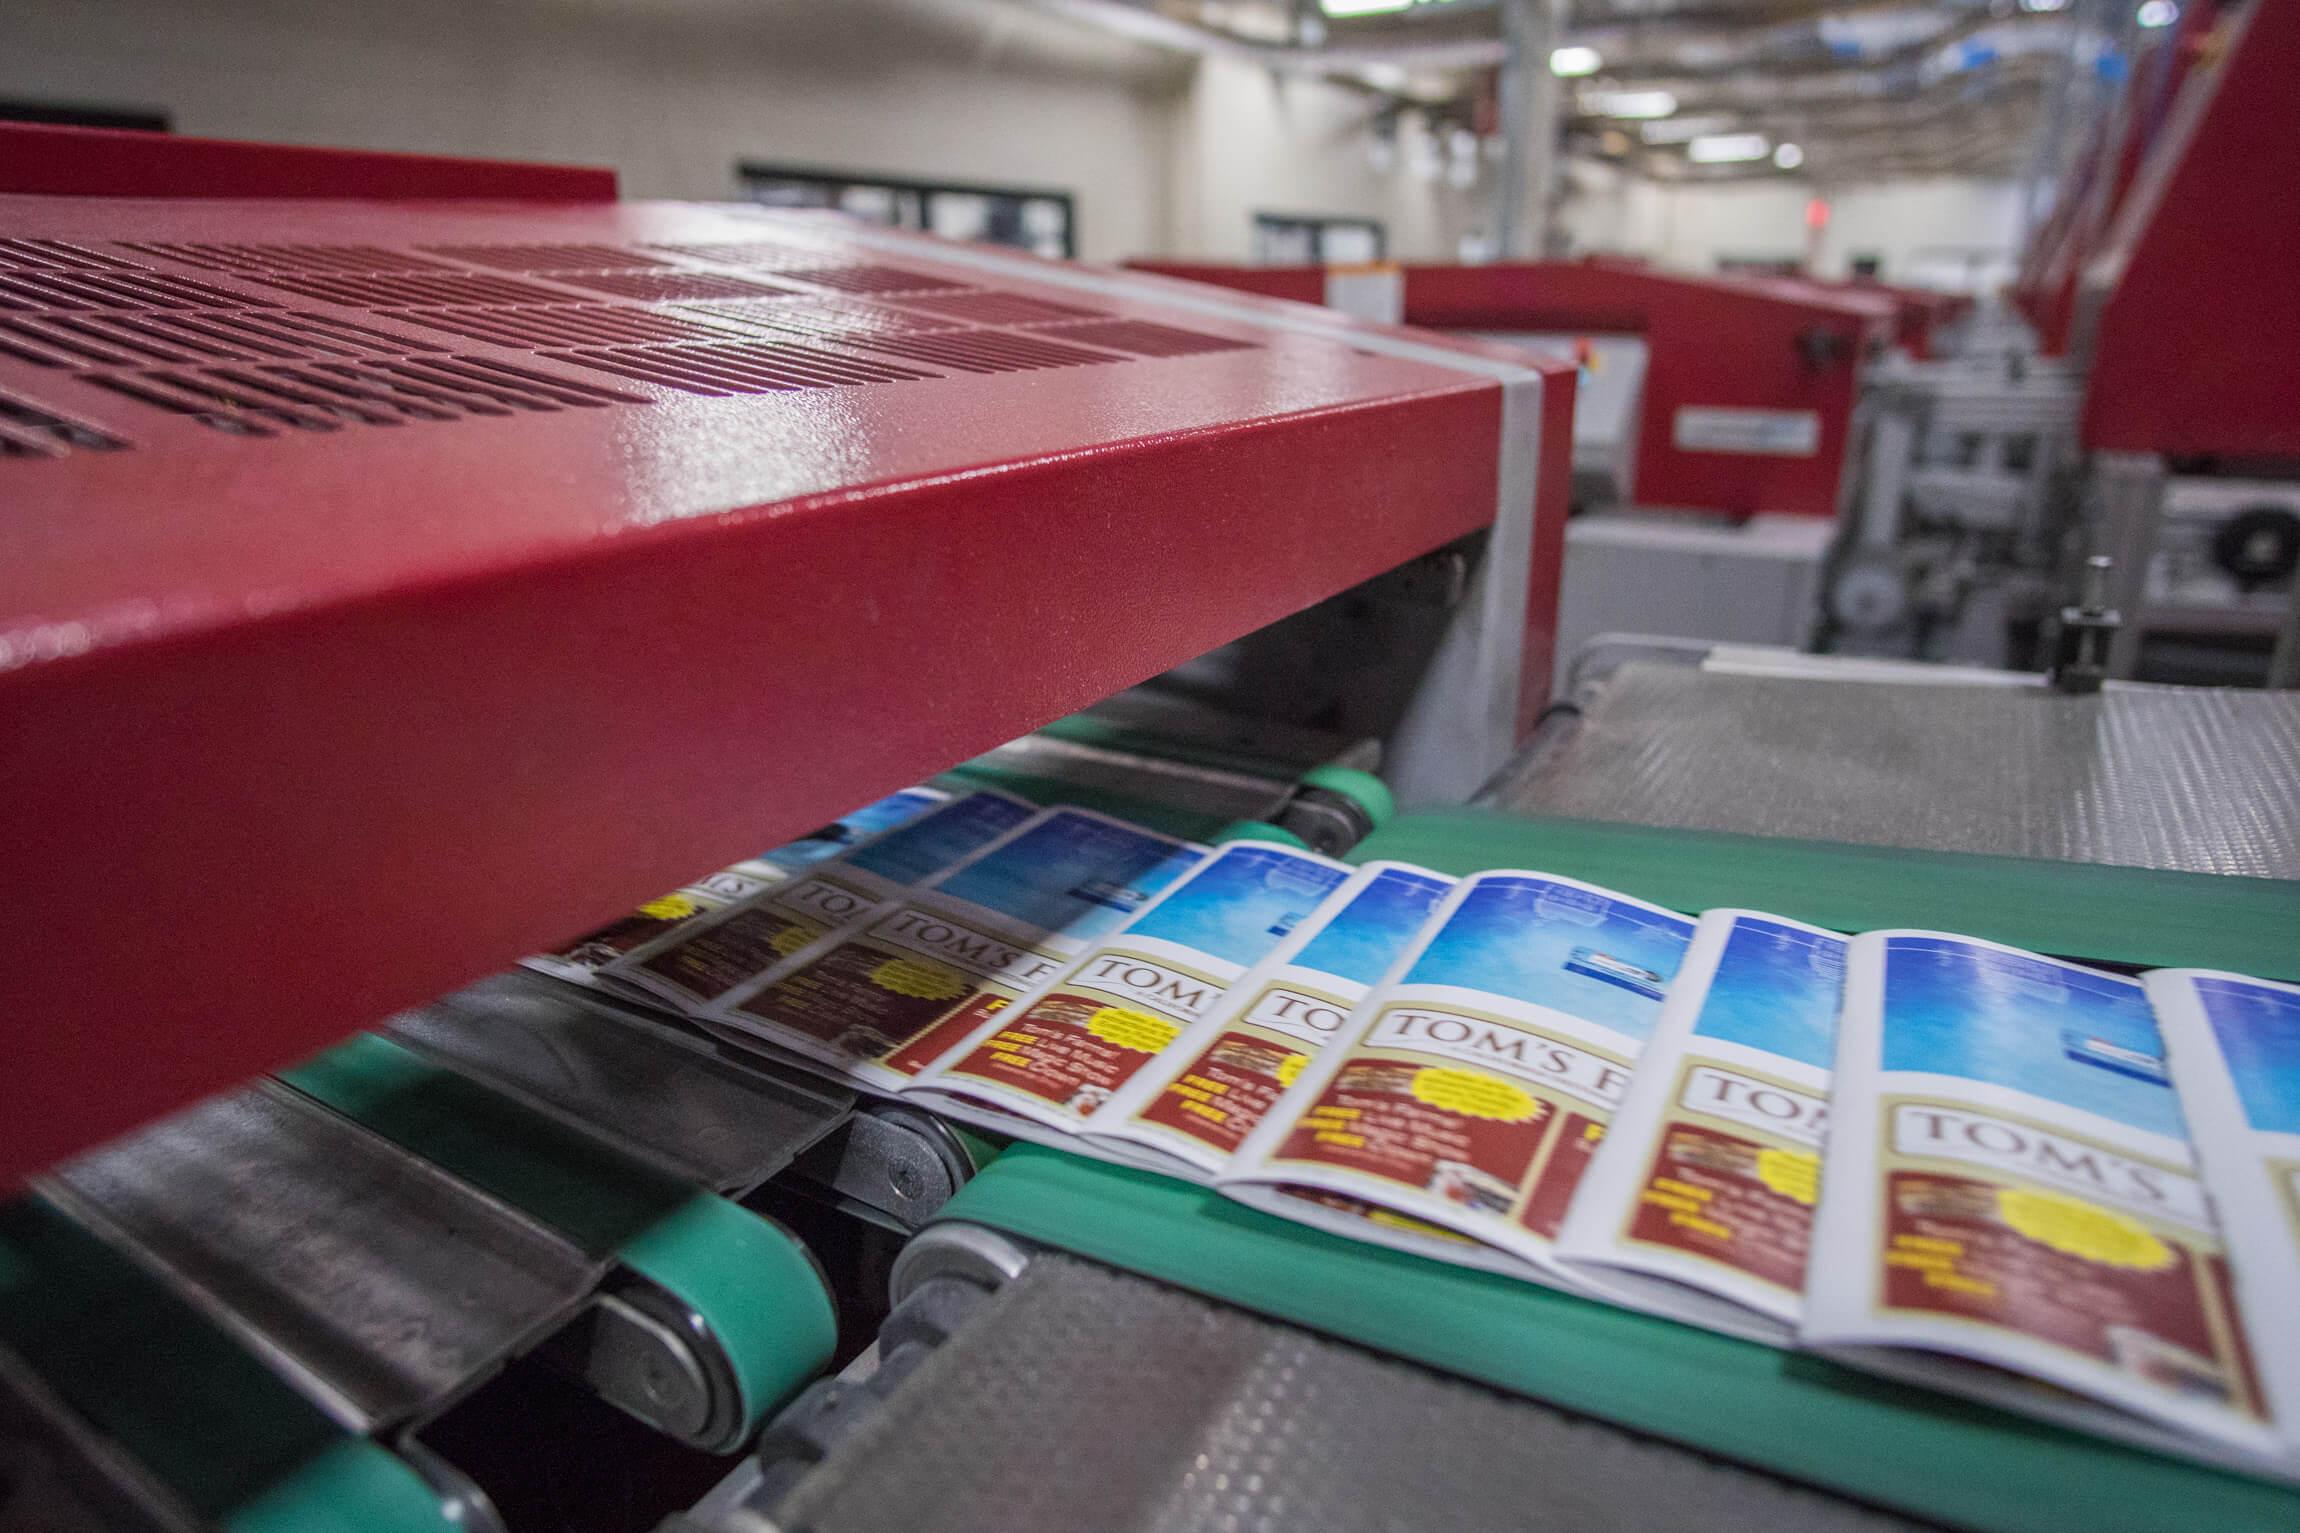 direct mail printed at VMC